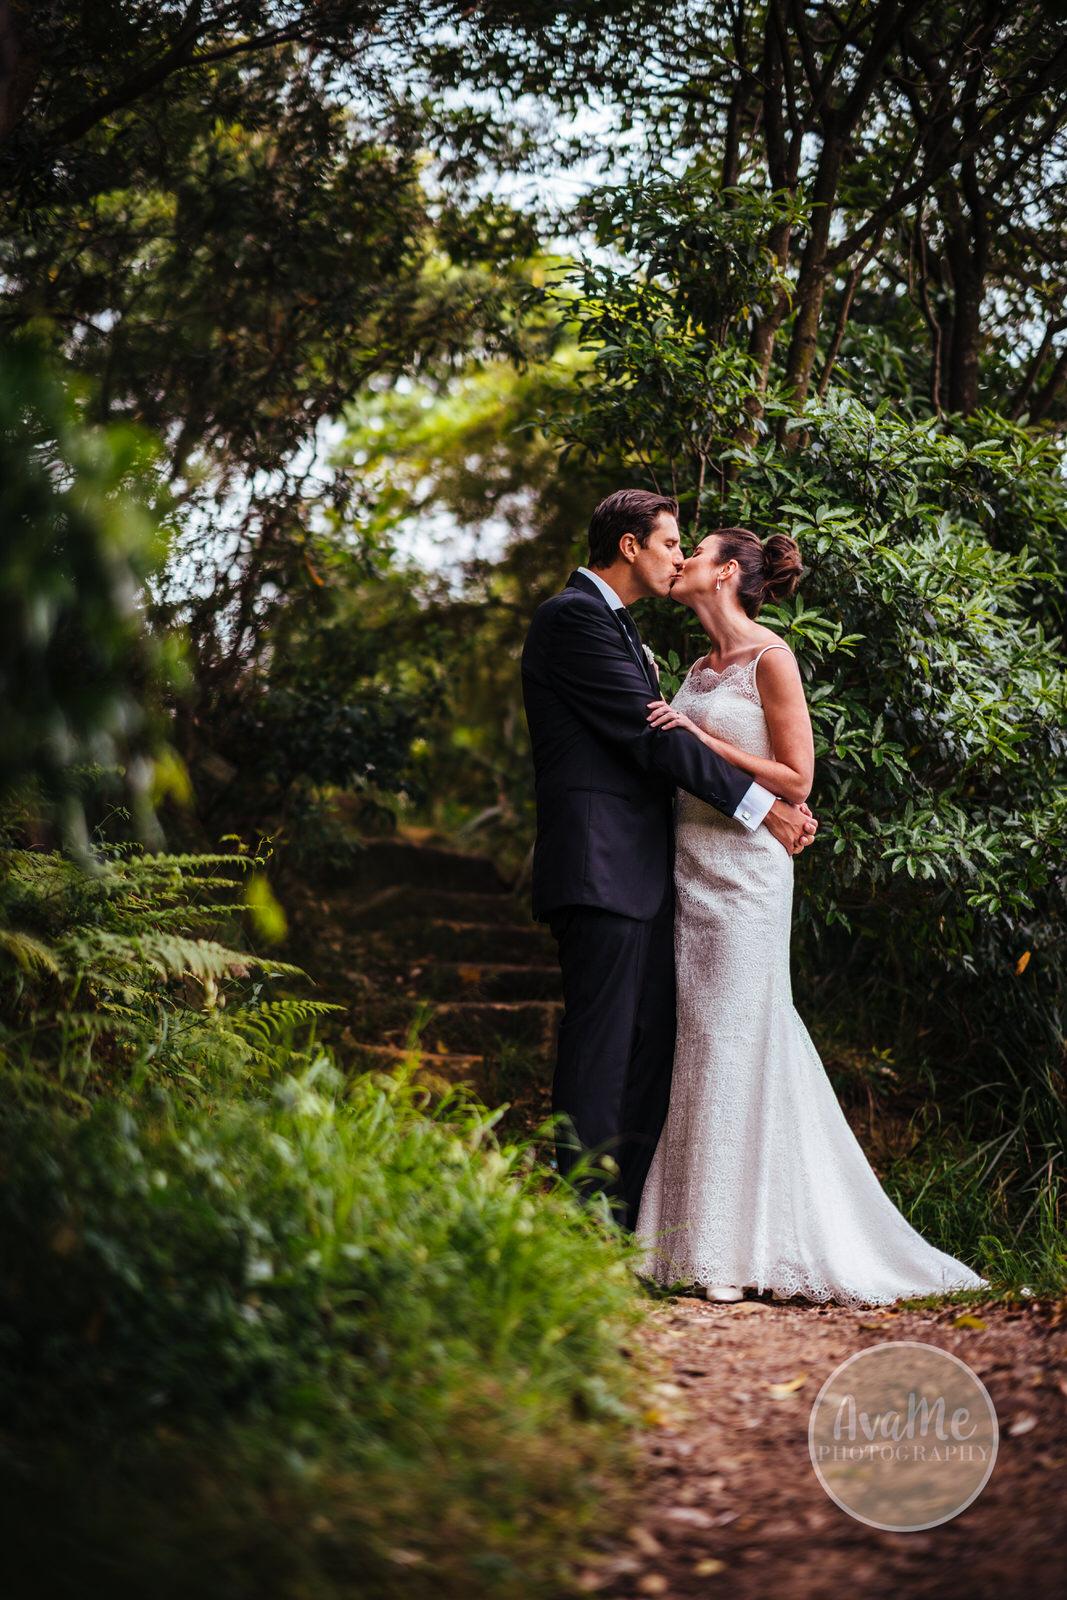 addy_matt_wedding_greenwich_sailing_club-171